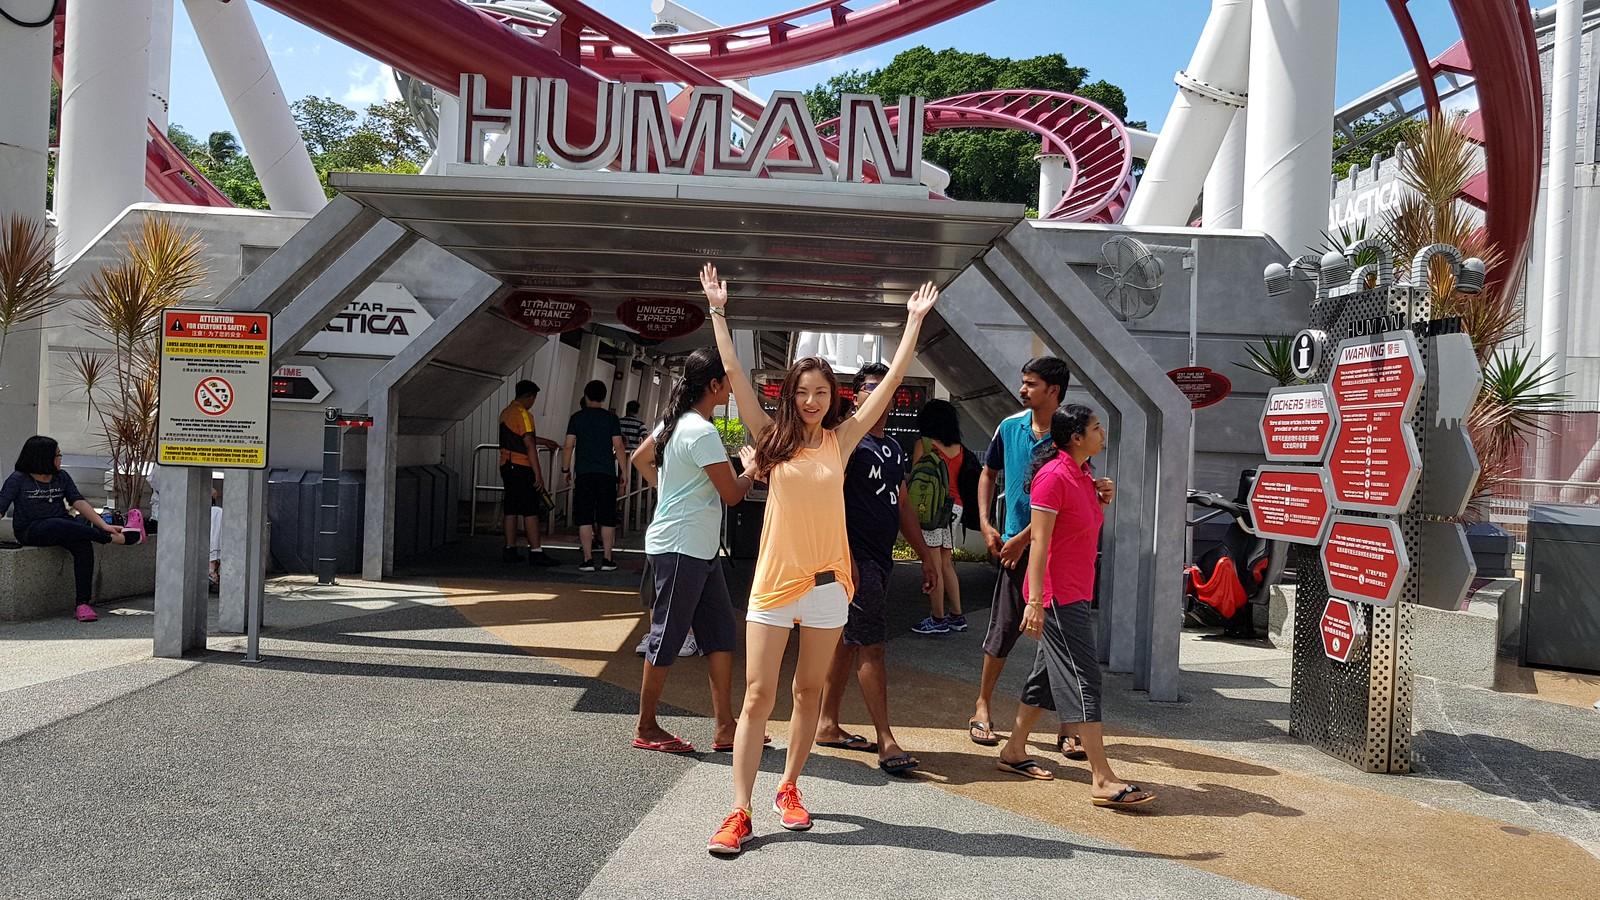 23. Human